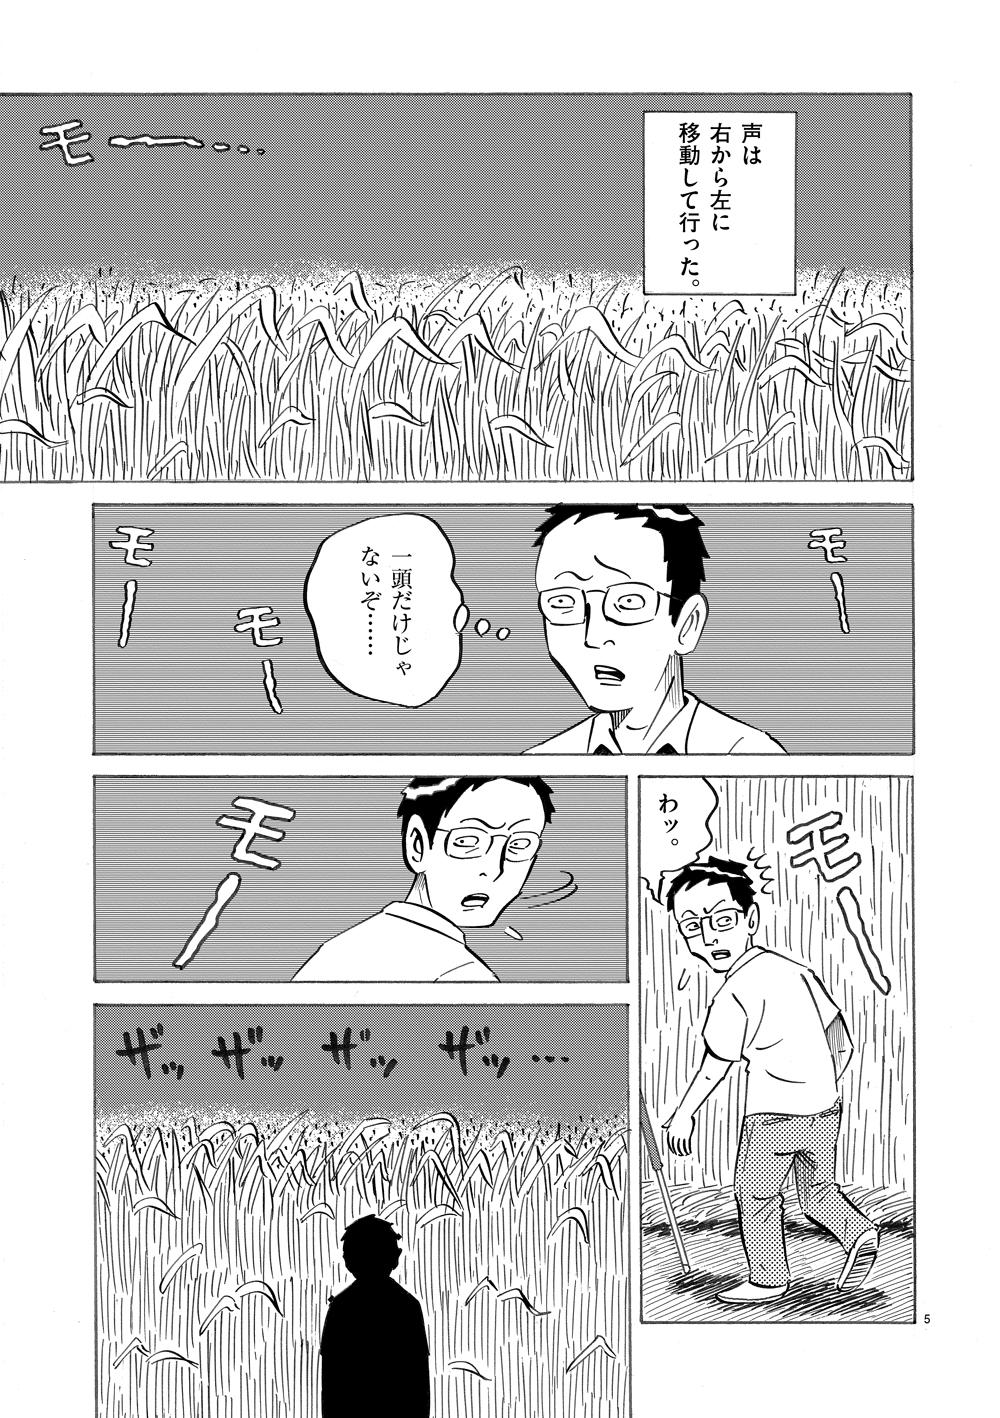 琉球怪談 【第7話】WEB掲載5ページ目画像